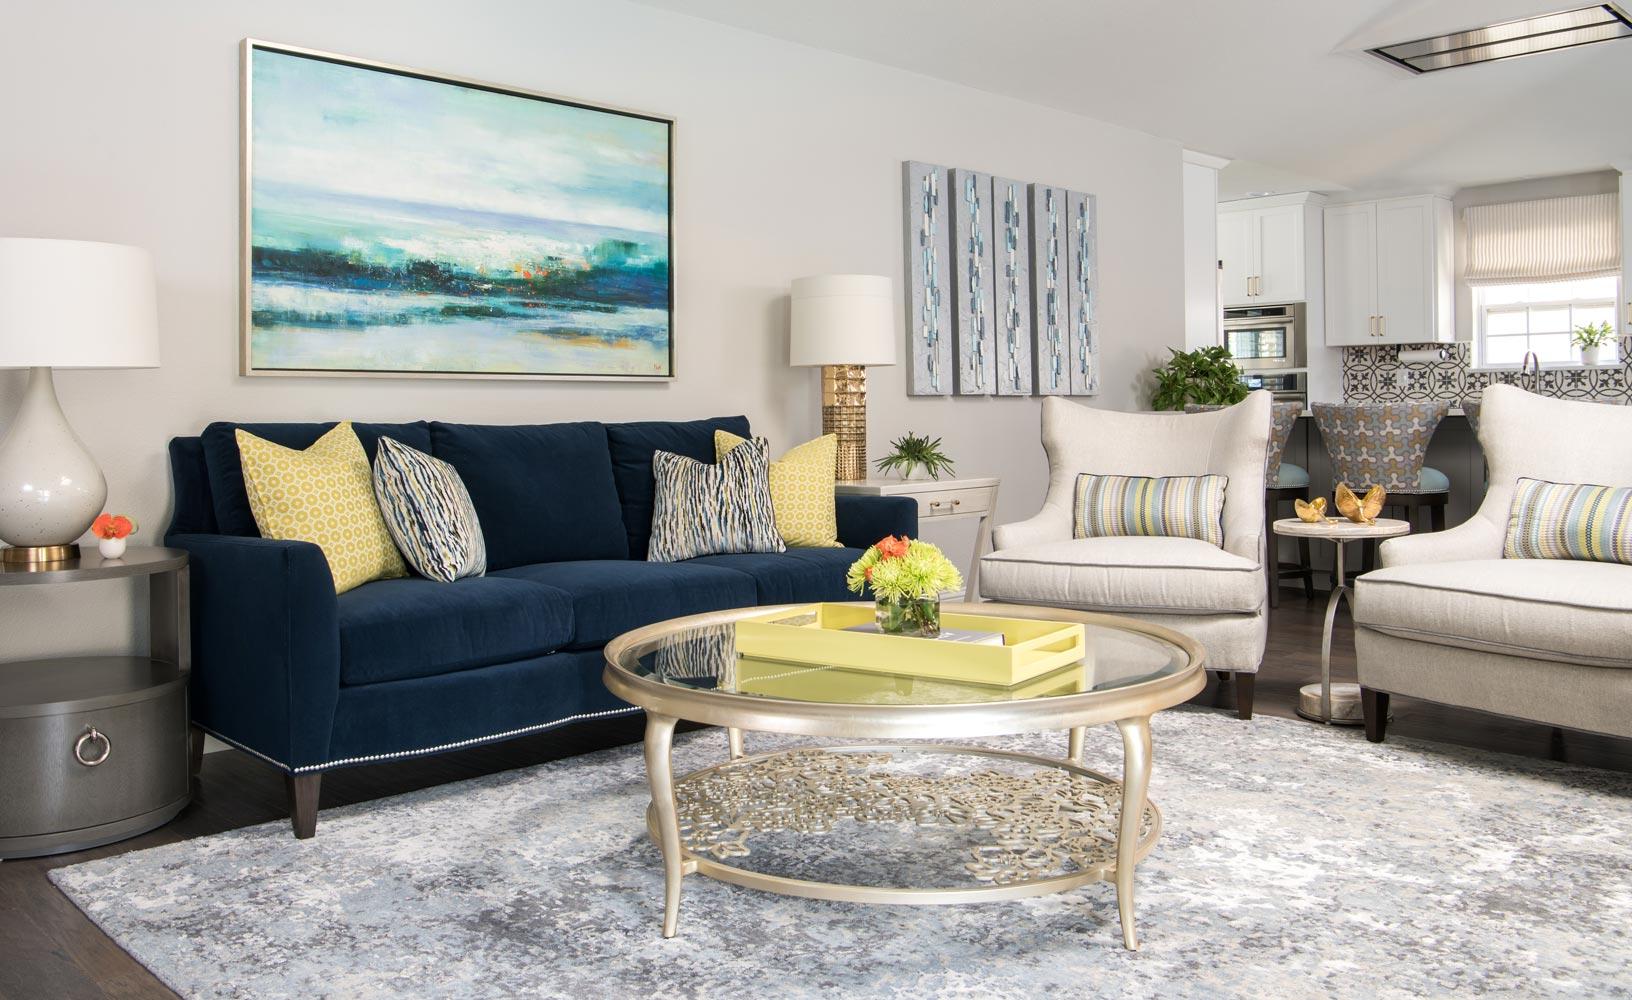 Transitional Decor Done Right In Dallas Interior Design